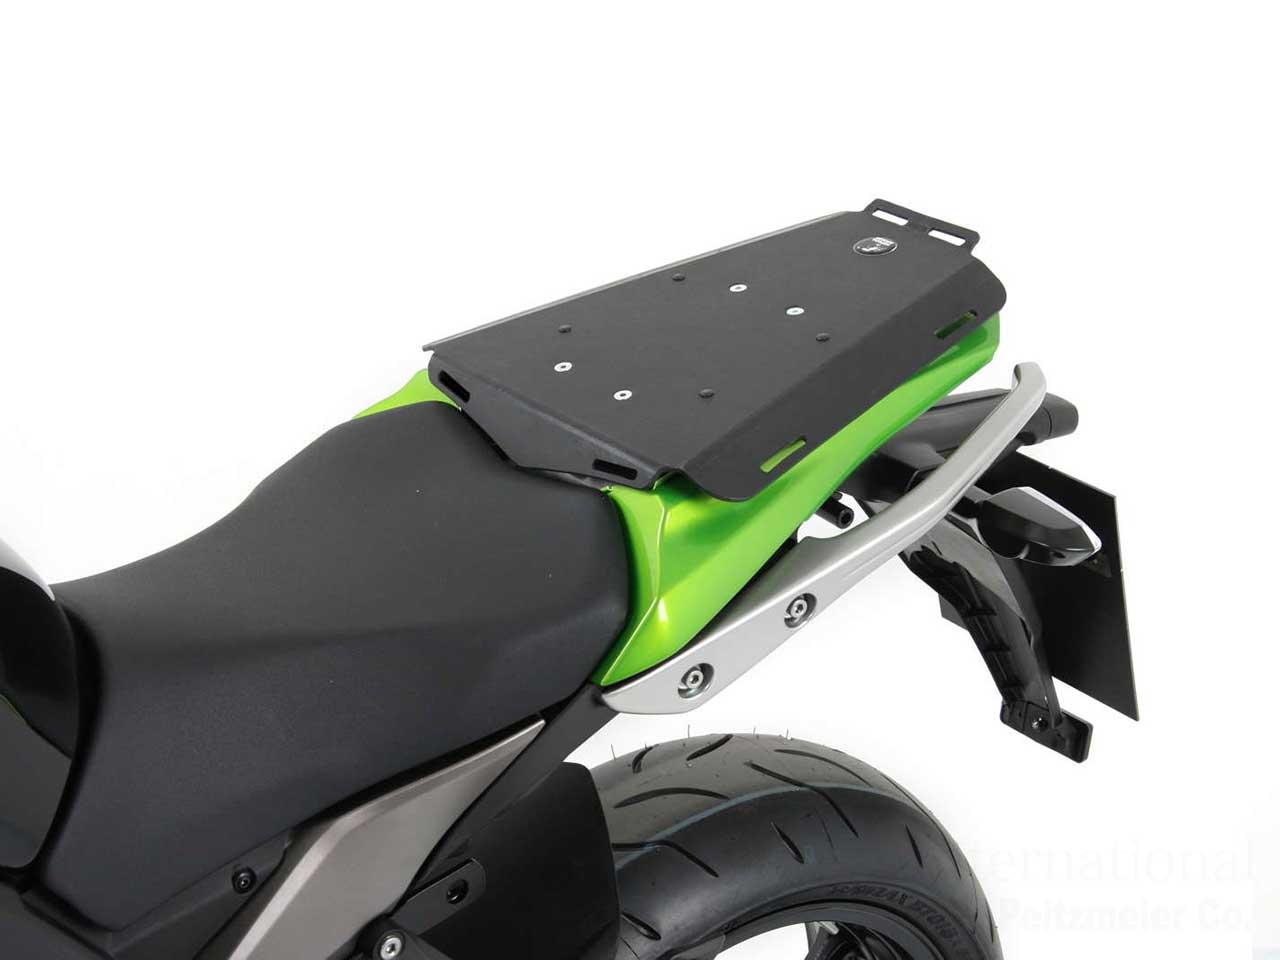 ヘプコ&ベッカー タンデムシート置換型リアラック「Speedrack EVO」 Kawasaki Ninja1000 (11-13)